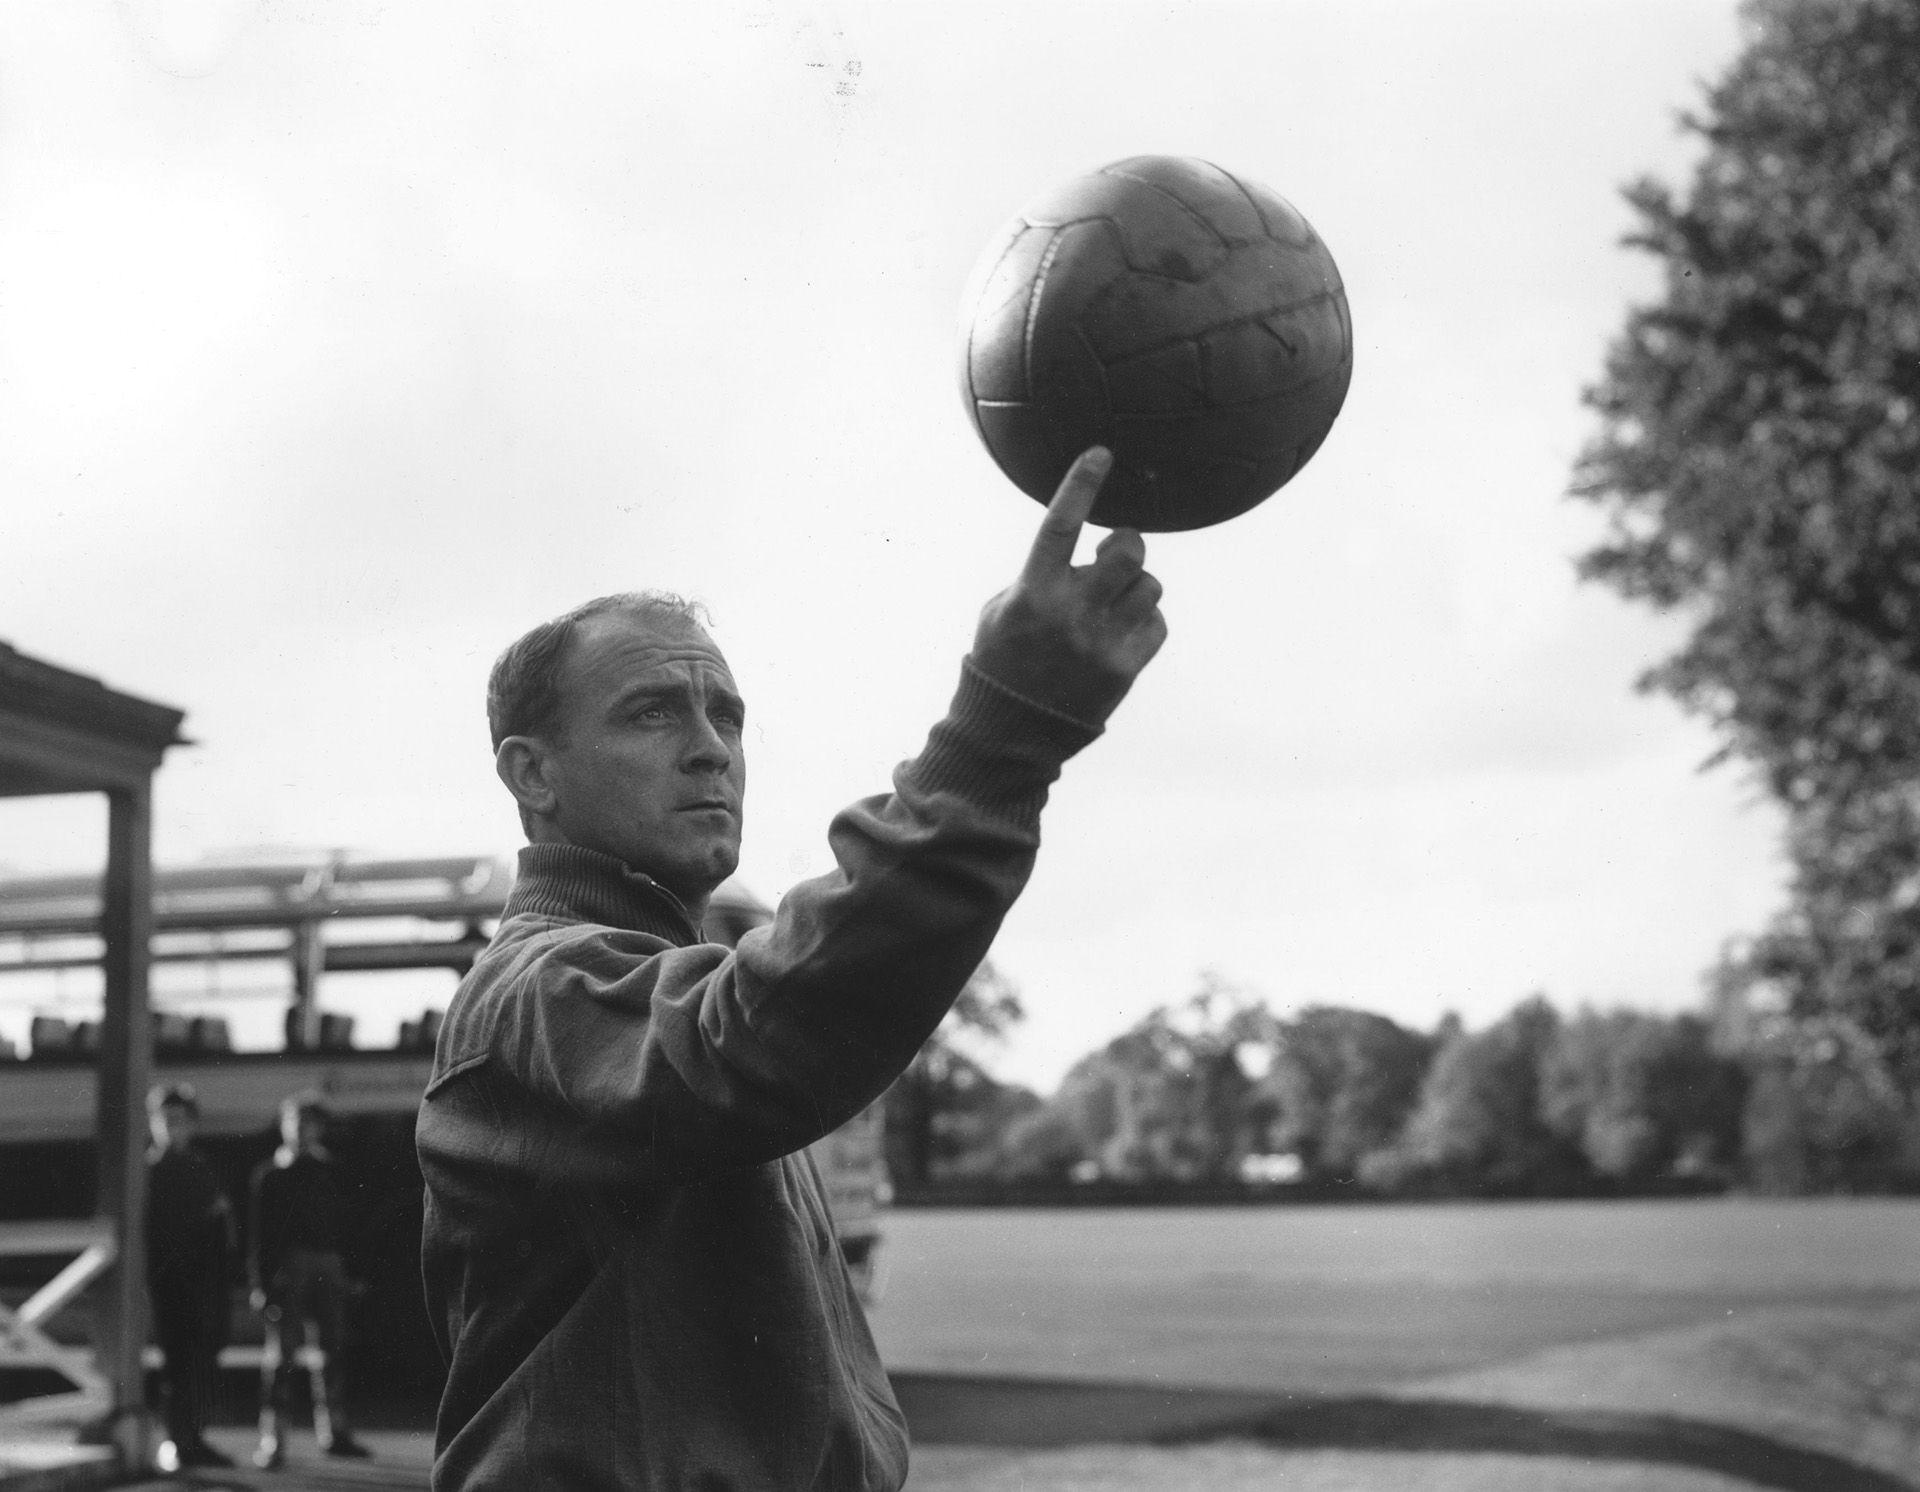 Alfredo Di Stéfano y su particular relación con la pelota. Le gustaba jugarla con el pie, pero también con la mano. (Photo by Terry Disney/Central Press/Getty Images)